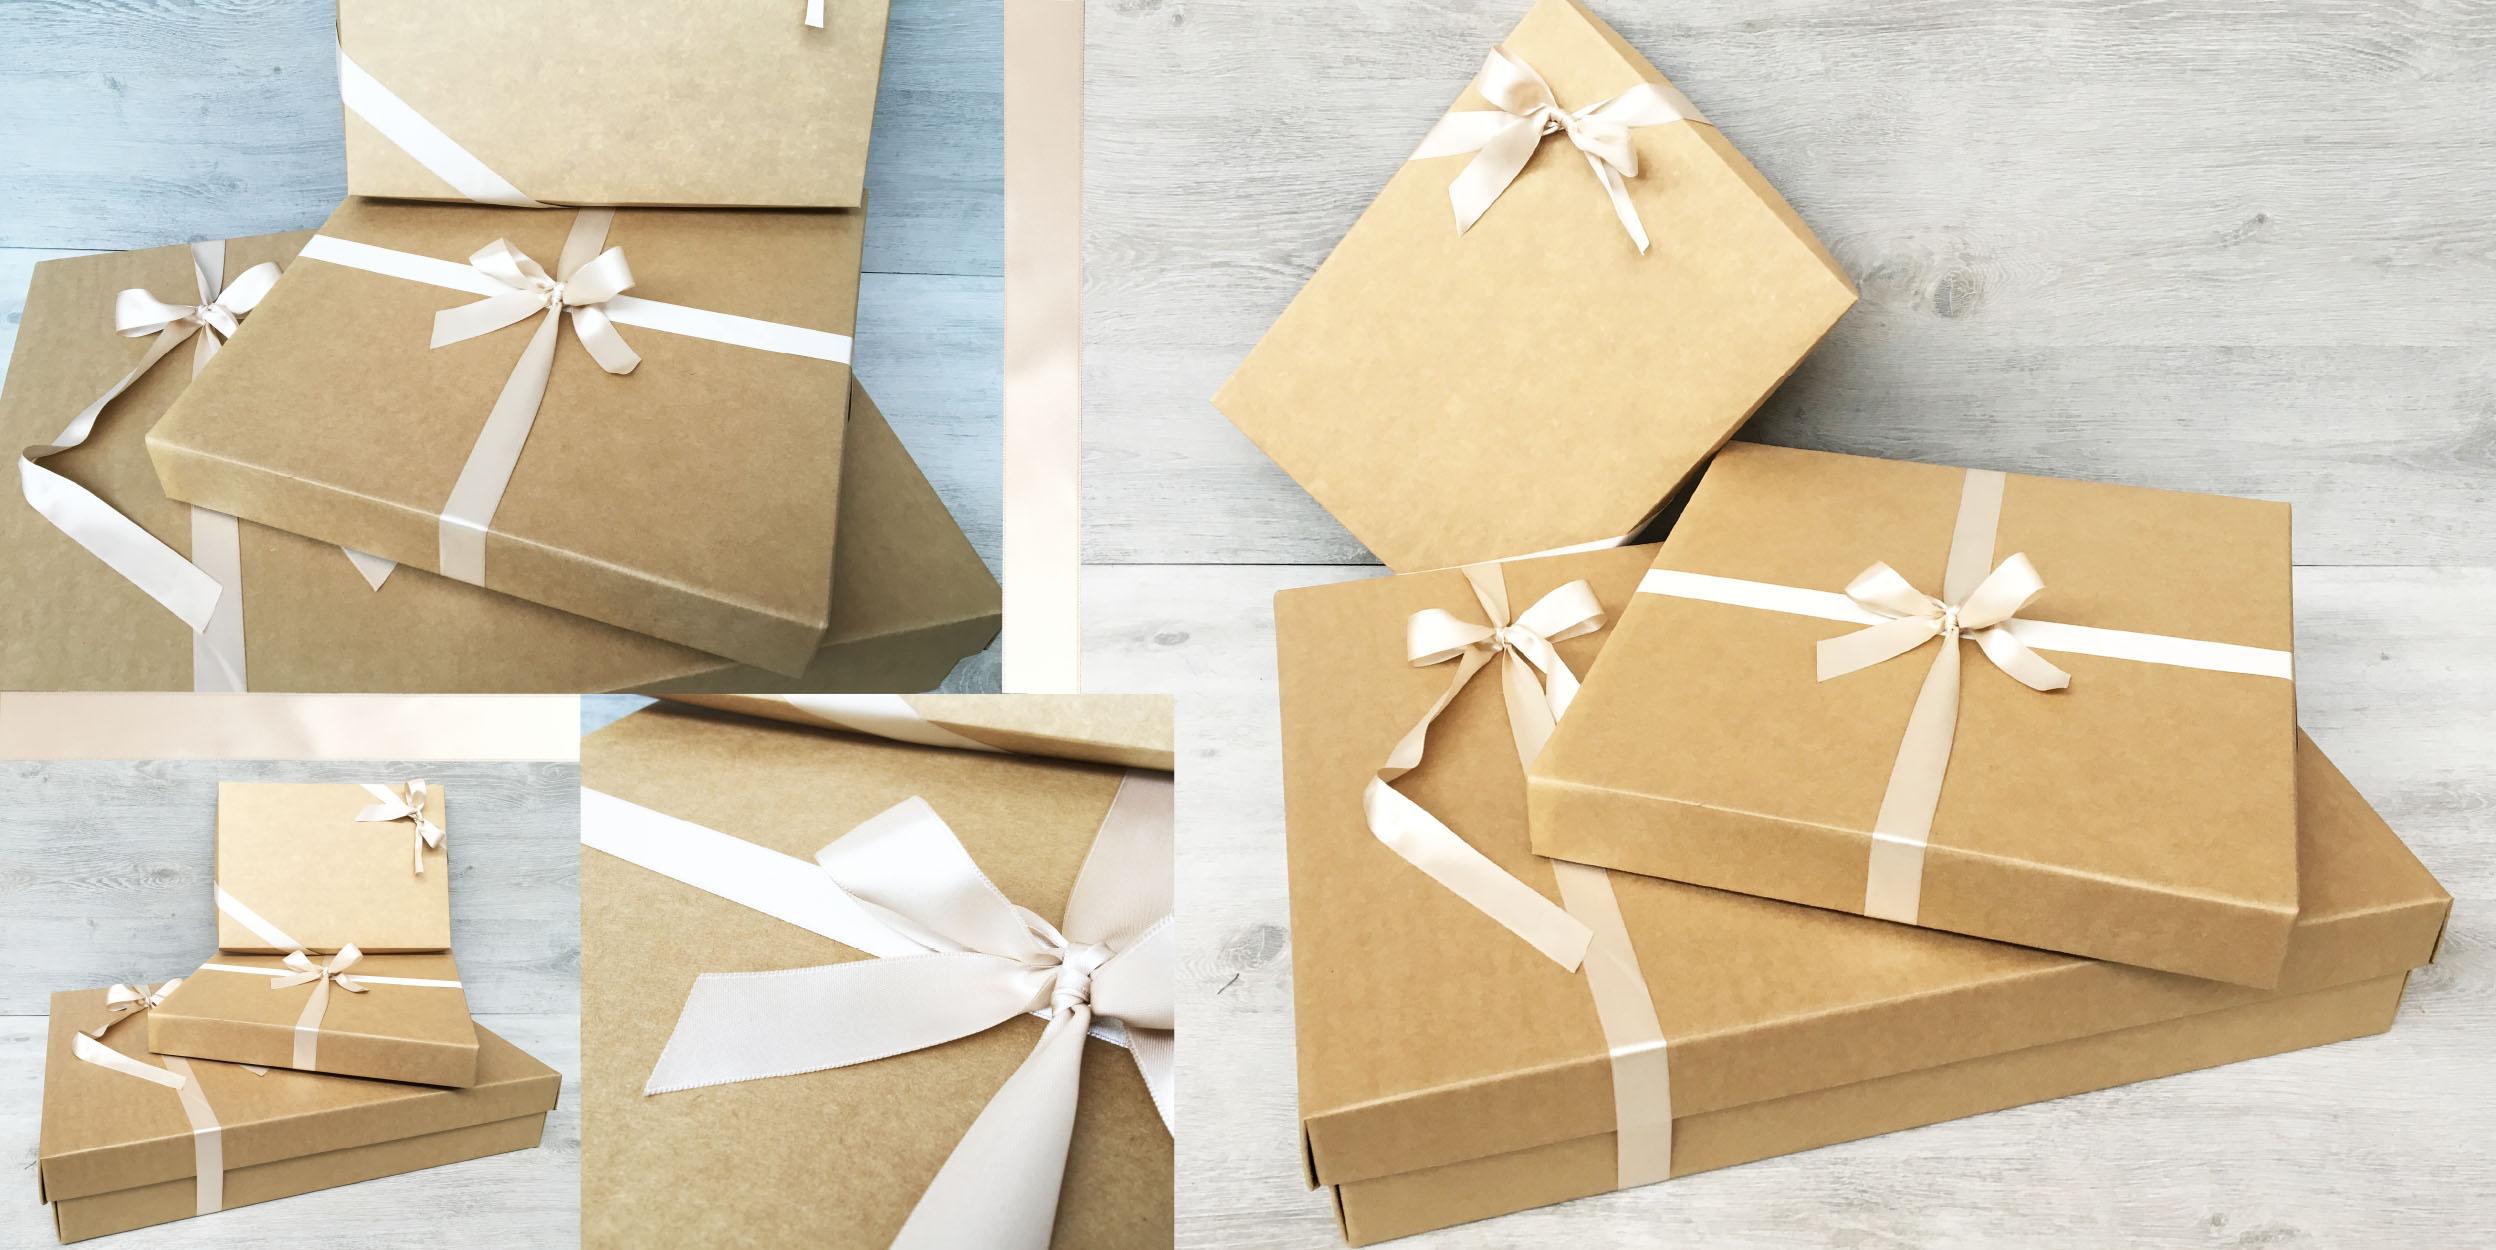 Esempi scatole